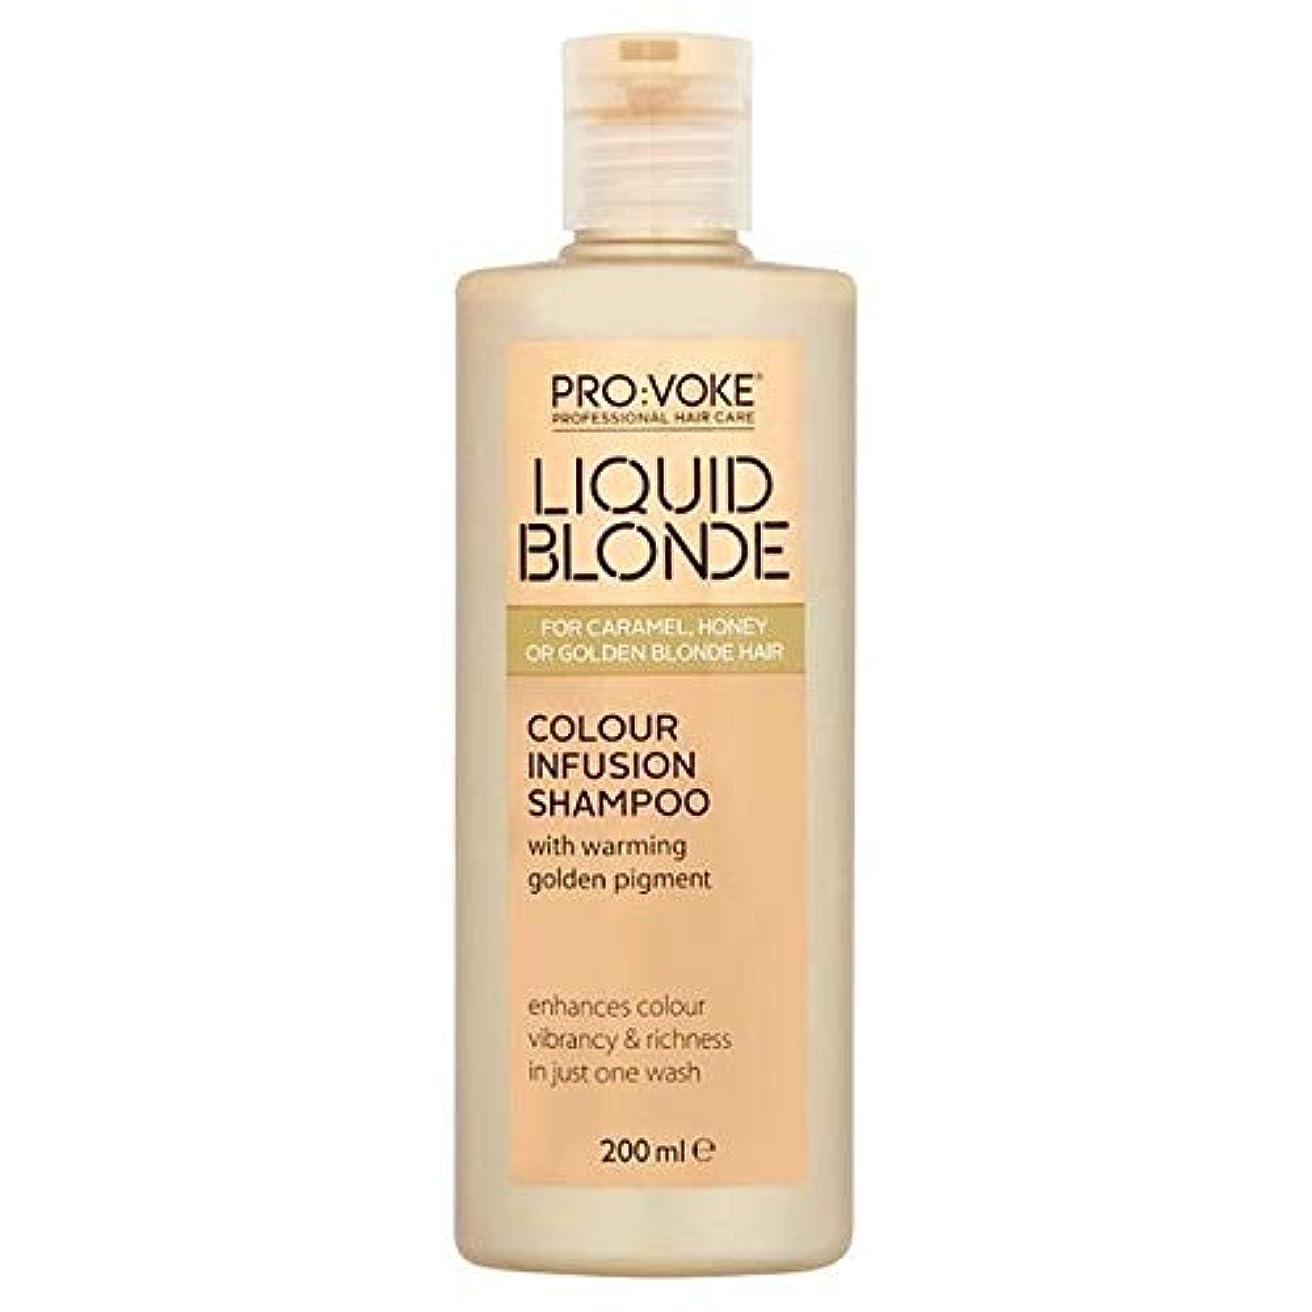 フローティング不快精神医学[Pro:Voke] プロ:治療のシャンプーを活性化液ブロンド色をVoke - PRO:VOKE Liquid Blonde Colour Activating Treatment Shampoo [並行輸入品]